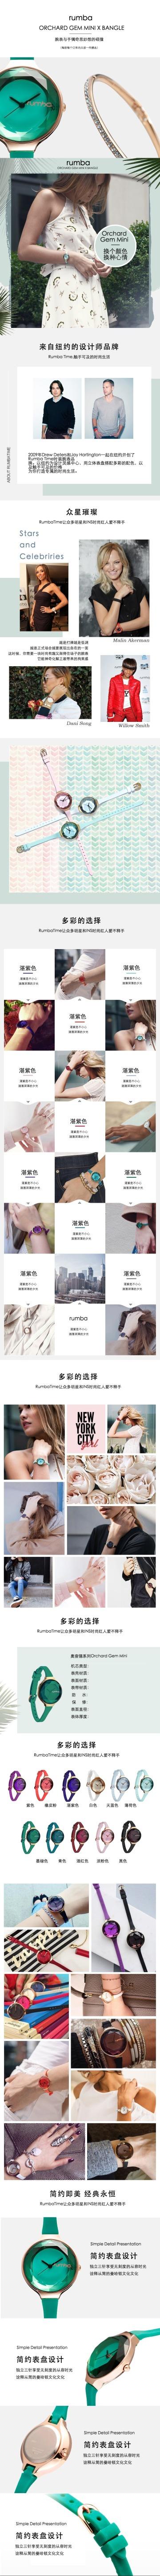 蓝色清新简约时尚手表宣传营销电商宝贝详情